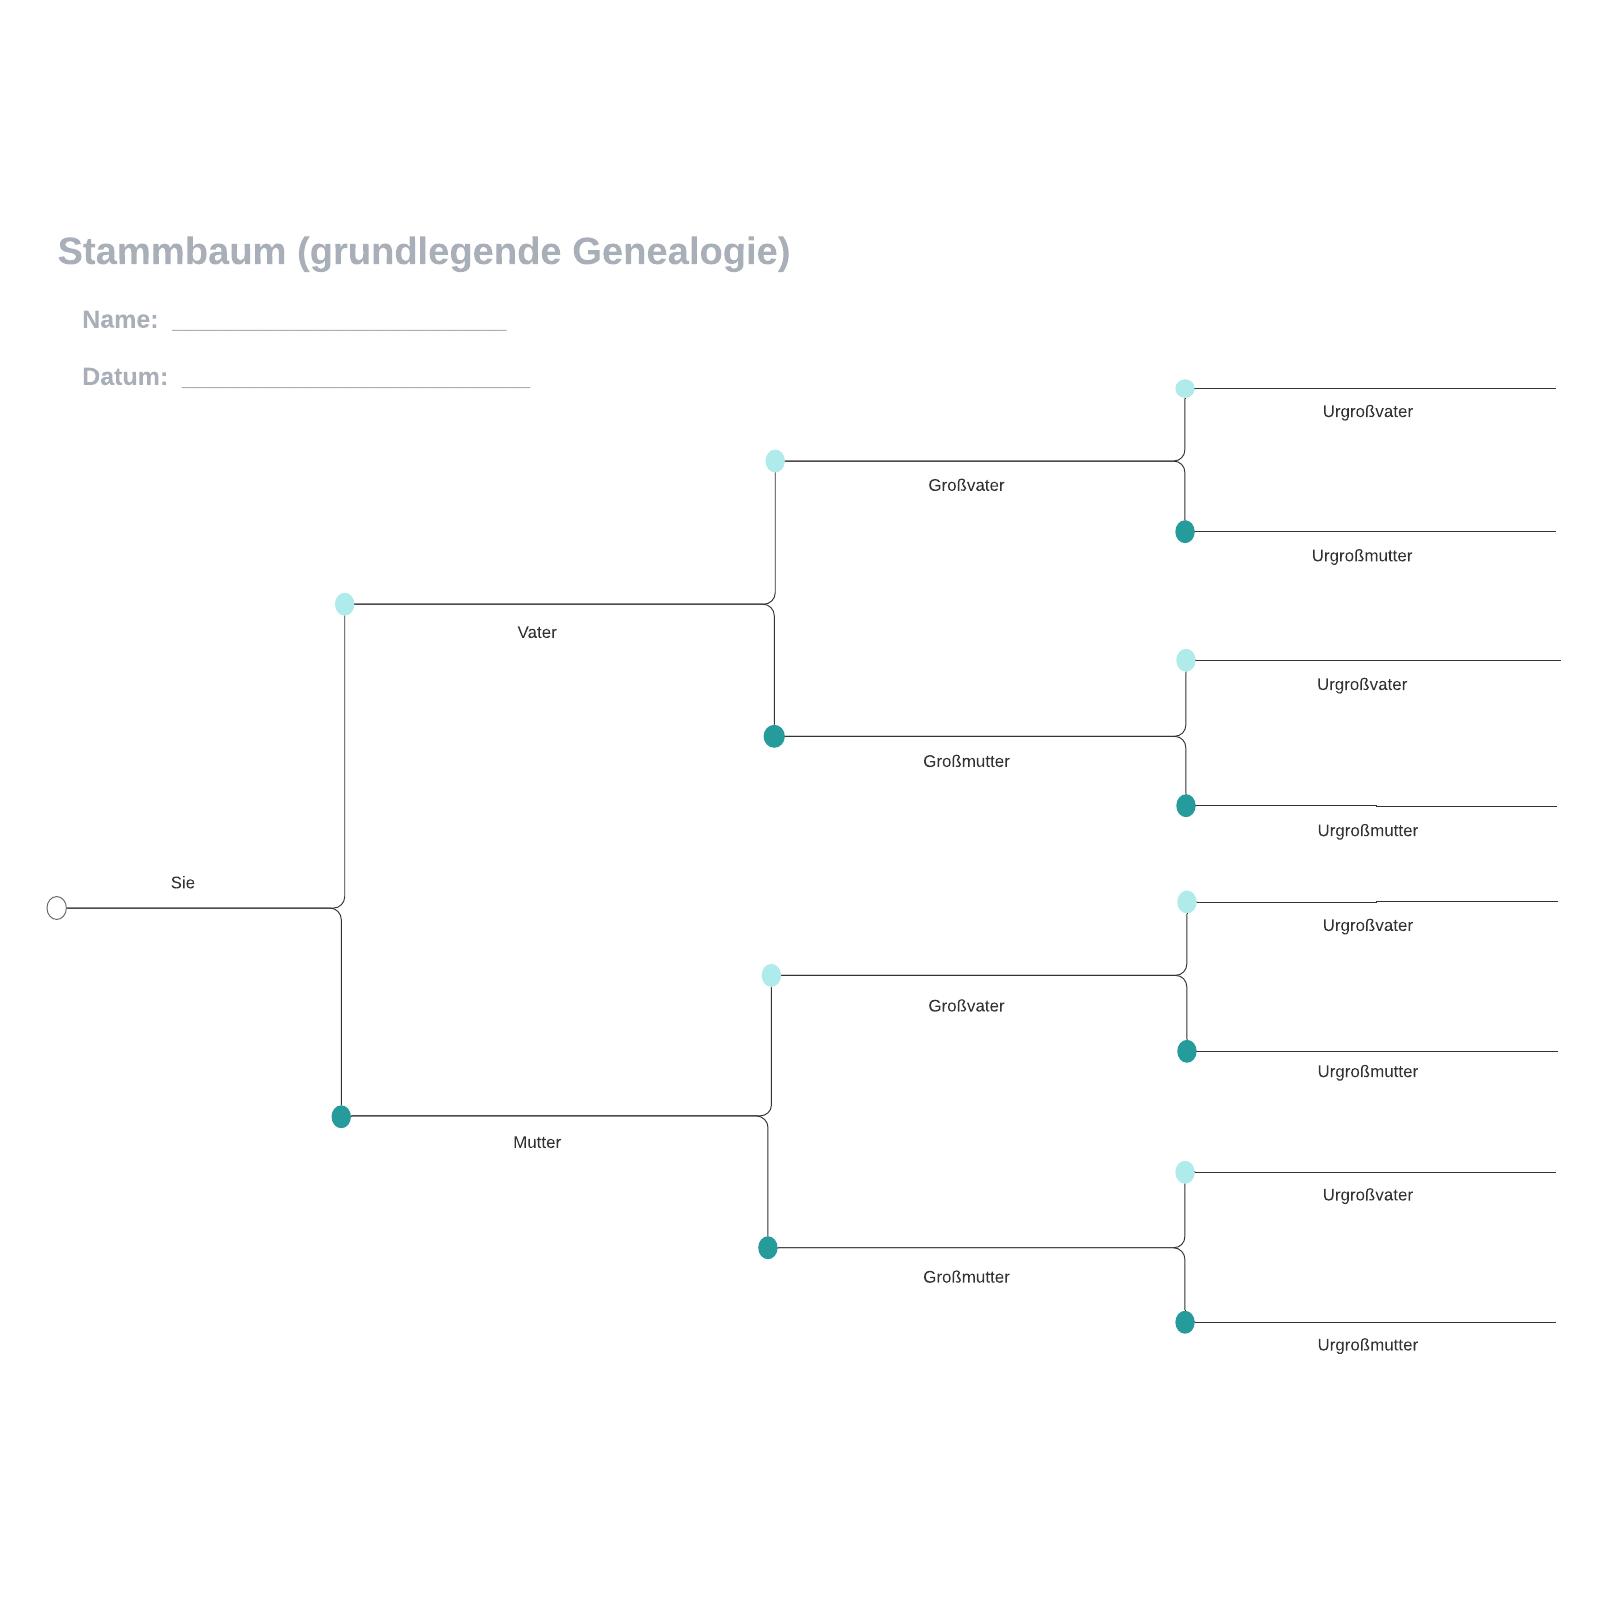 Stammbaum Vorlage (grundlegende Genealogie)